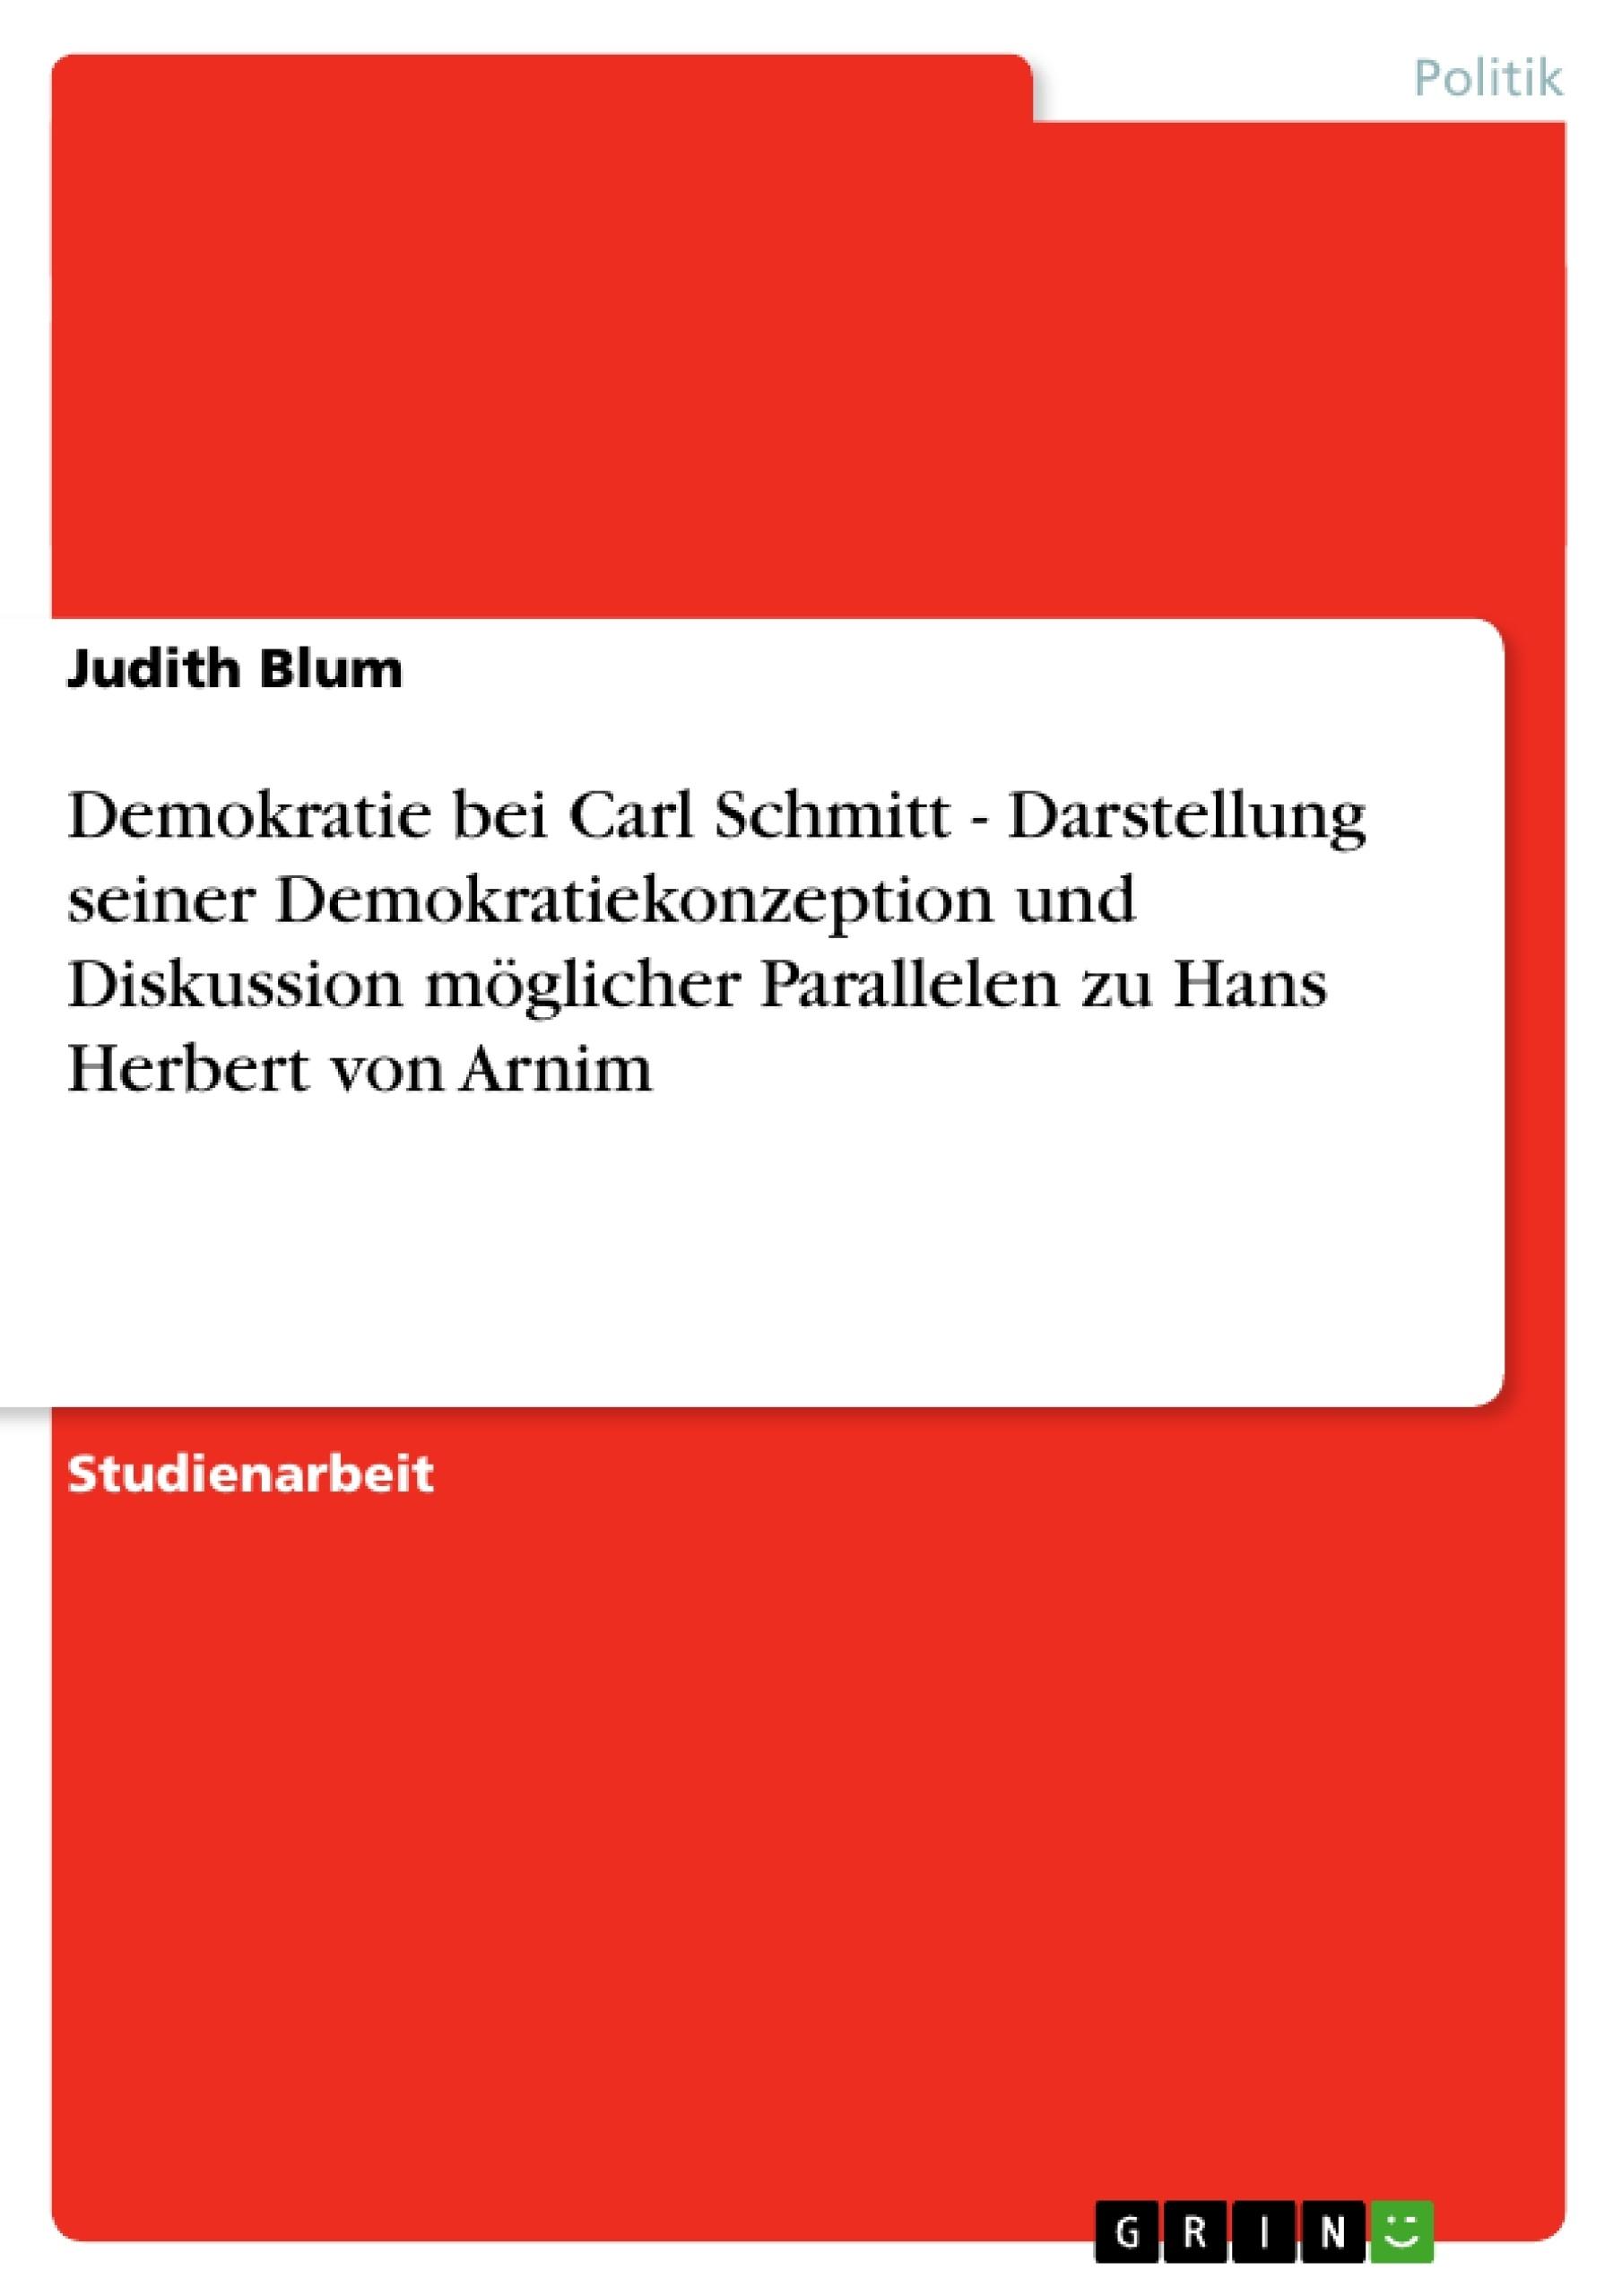 Titel: Demokratie bei Carl Schmitt - Darstellung seiner Demokratiekonzeption und Diskussion möglicher Parallelen zu Hans Herbert von Arnim